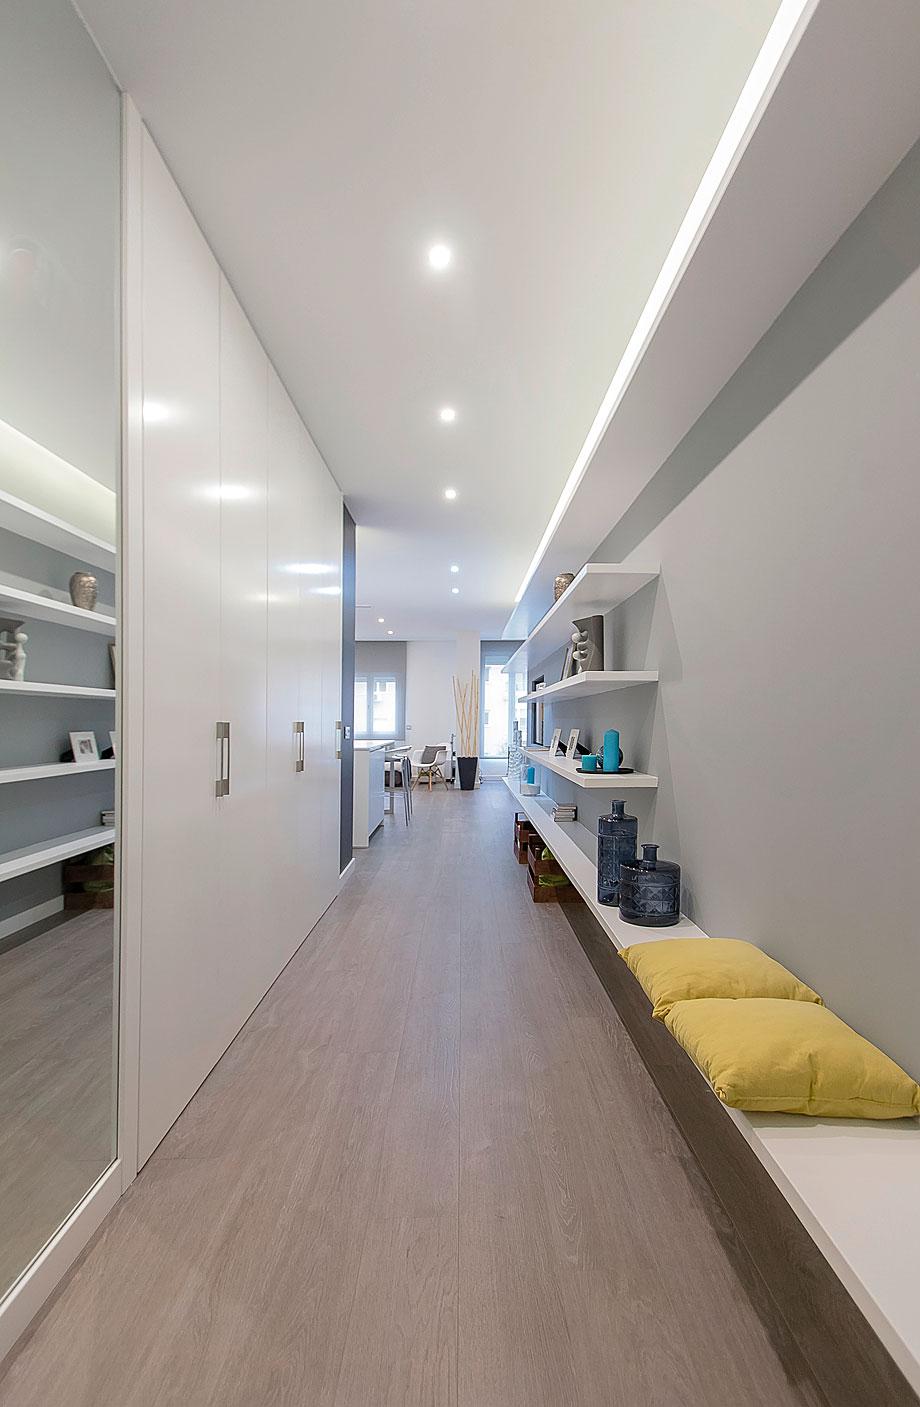 diseño-interior-vivienda-madrid-amasl-estudio-artycocina-santos (1)